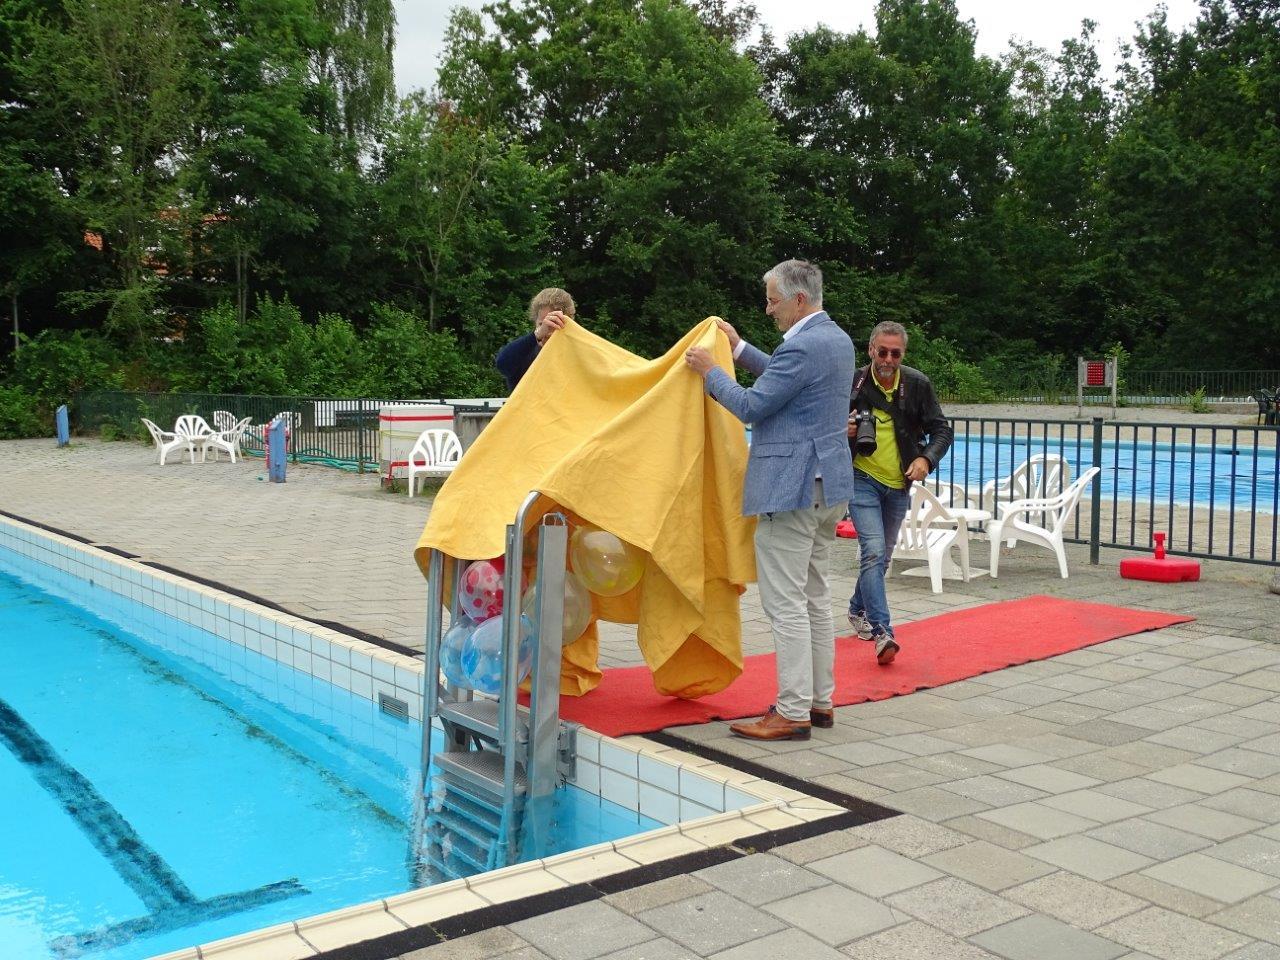 Makkelijker zwembad in een uit dankzij nieuwe trap in De Alk